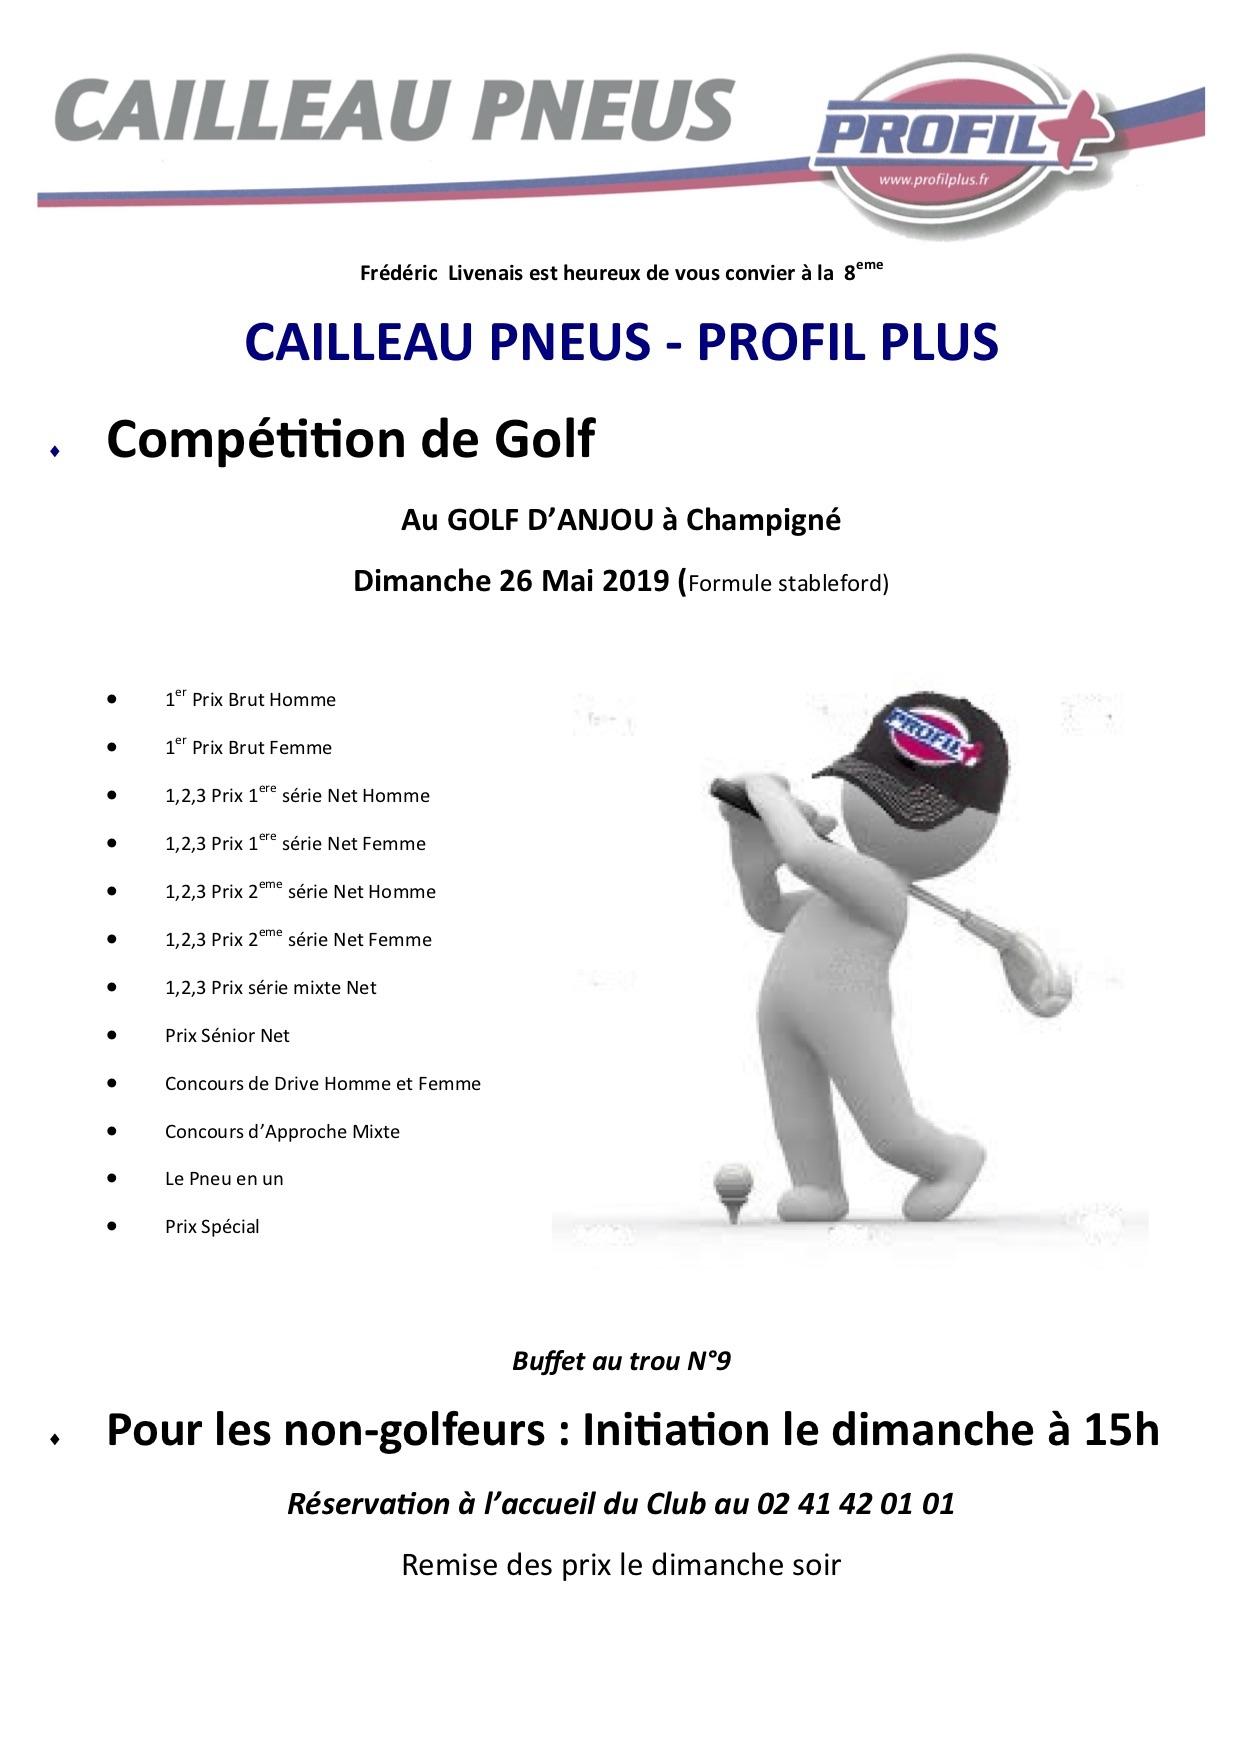 Compétition Cailleau Pneus — Profil Plus